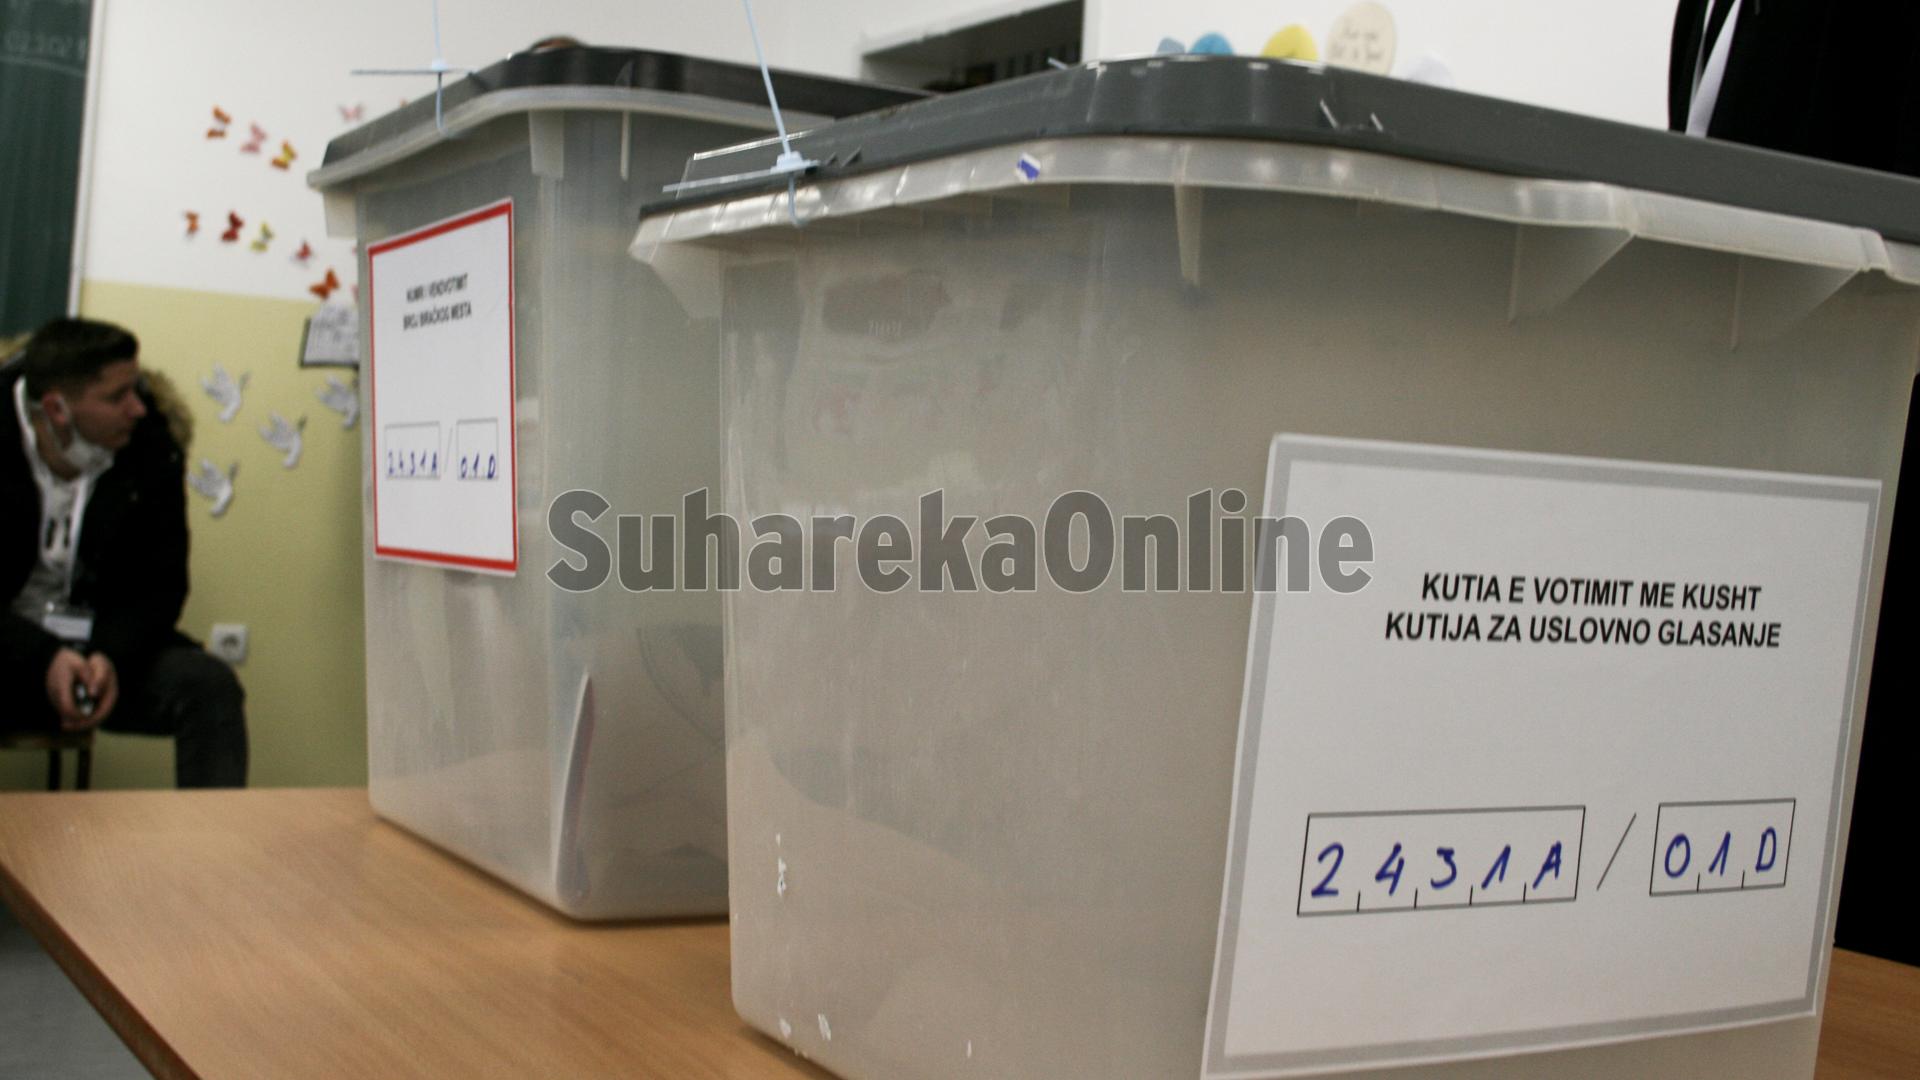 Numërohen mbi 17 mijë vota nga diaspora, LVV merr 12,700 vota